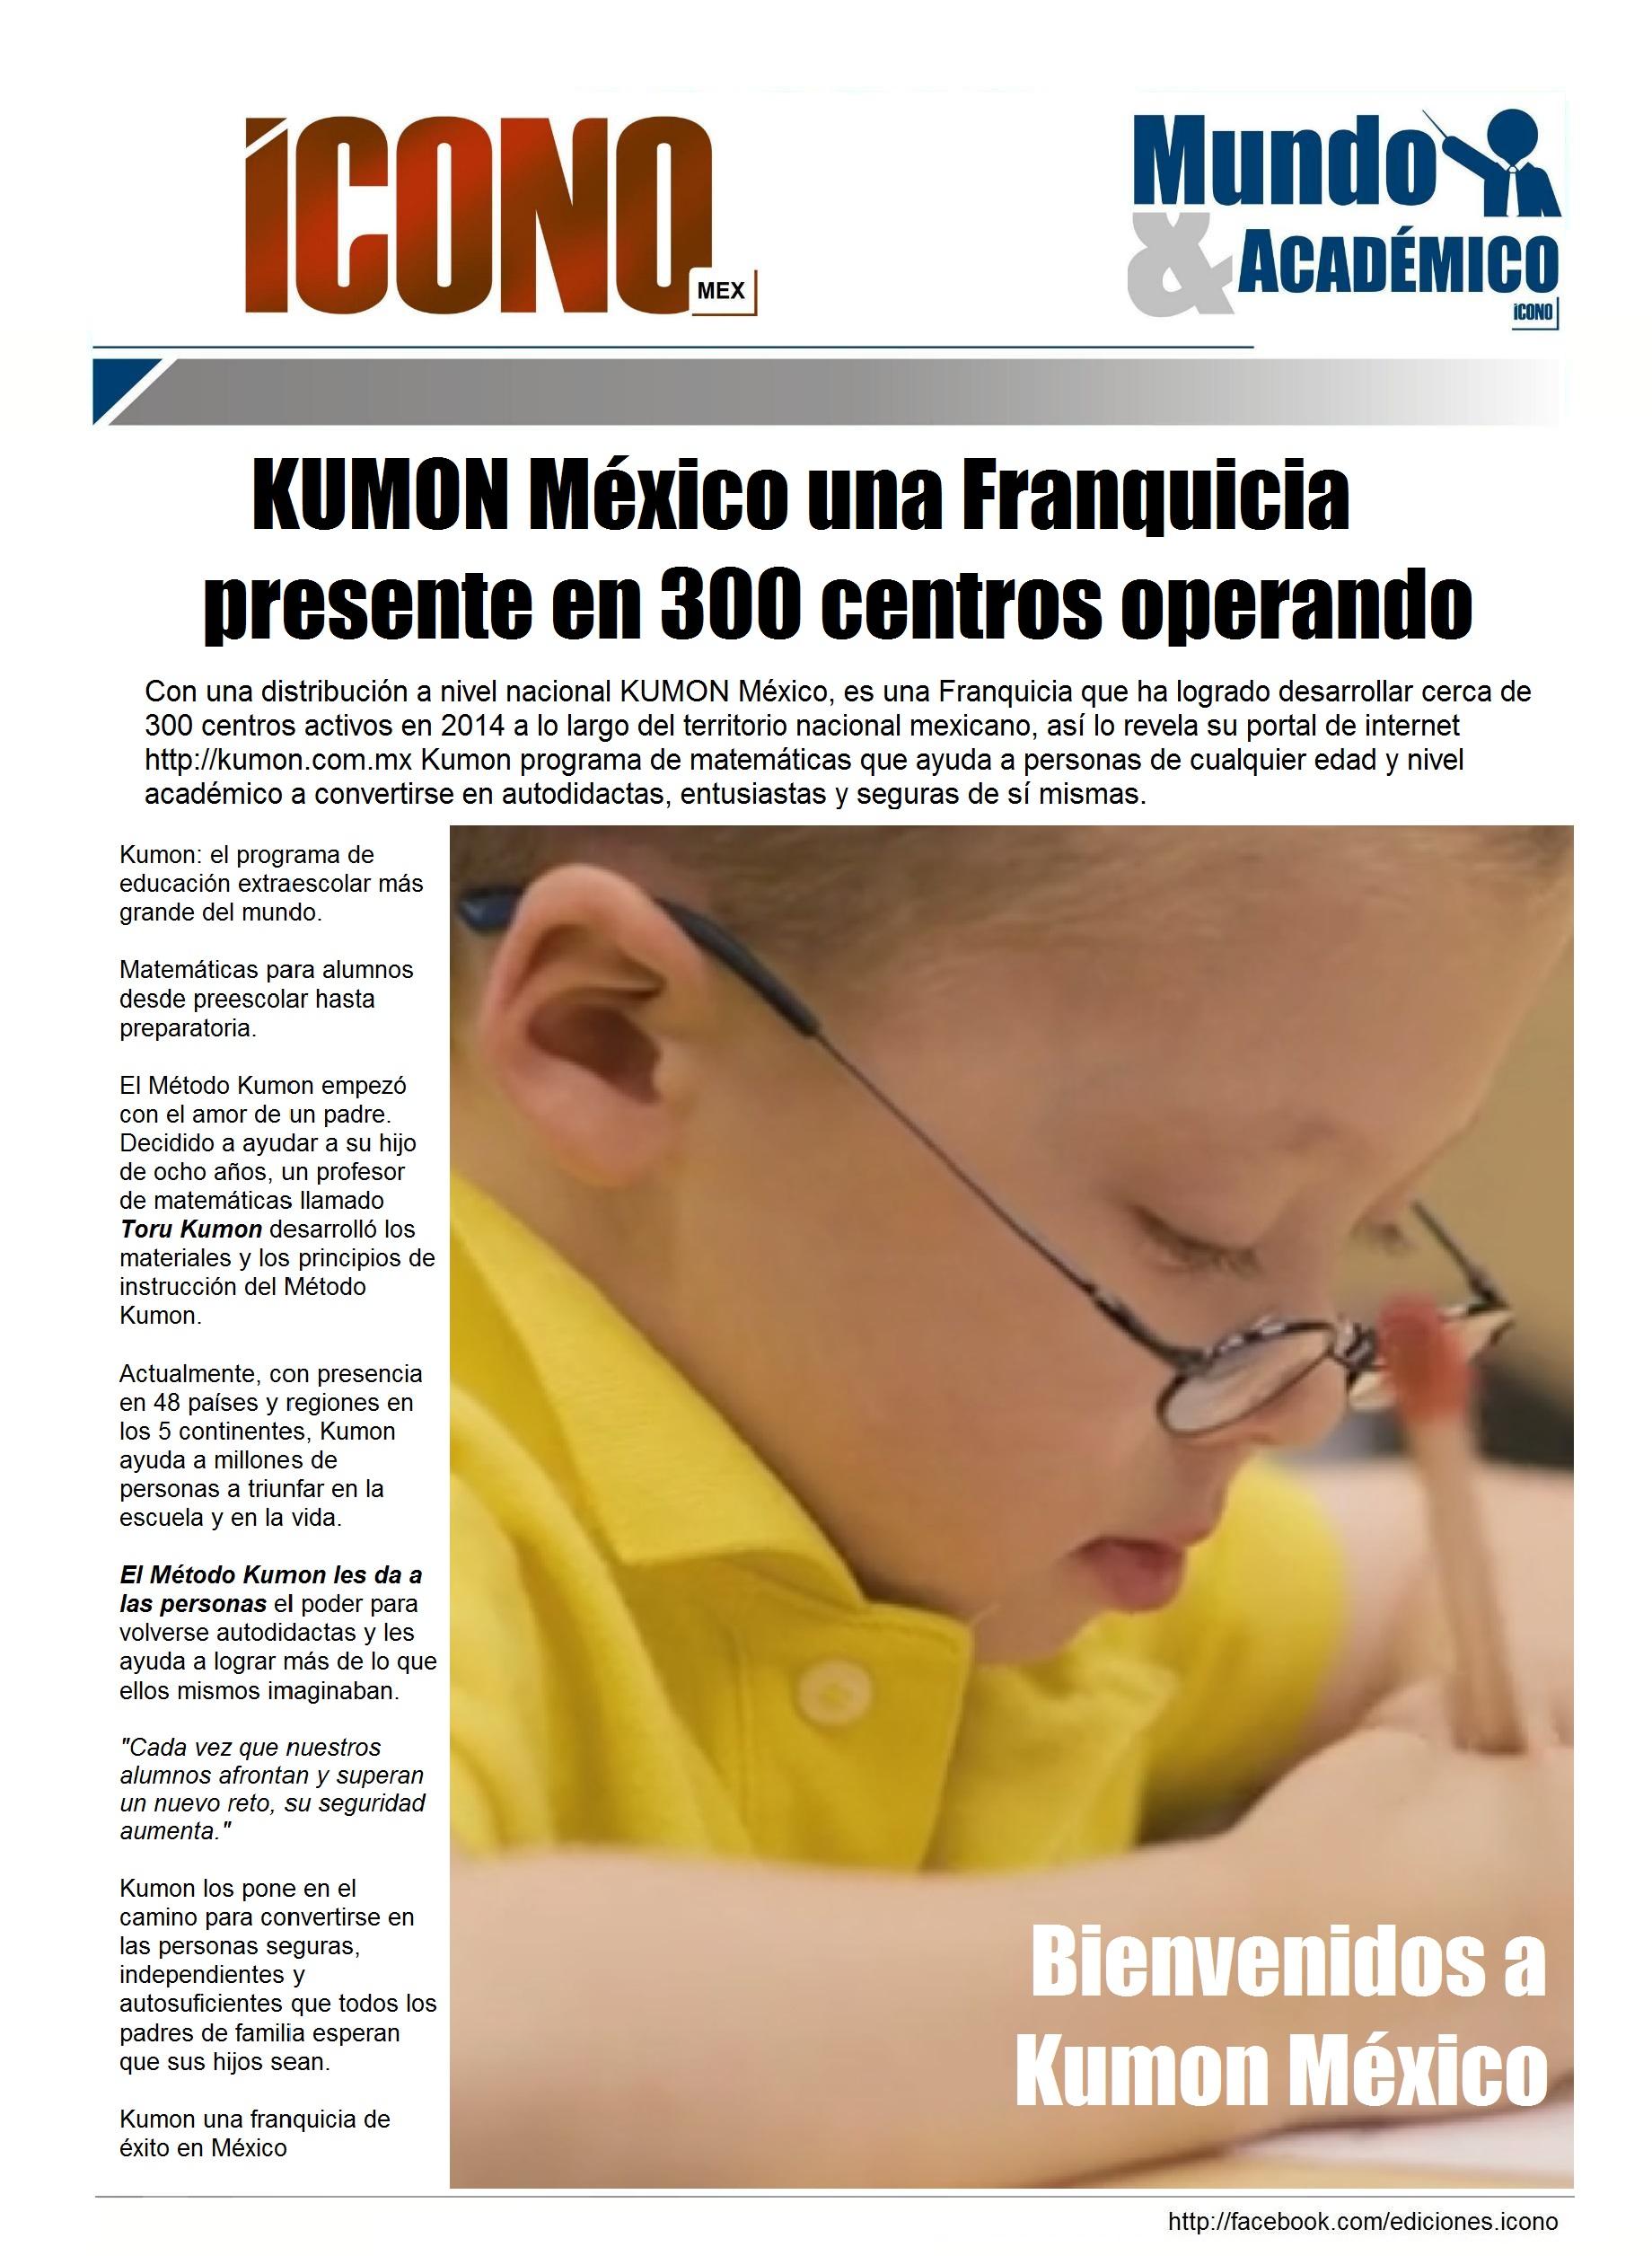 Mundo KUMON | Hemeroteca INDICE by ICONO